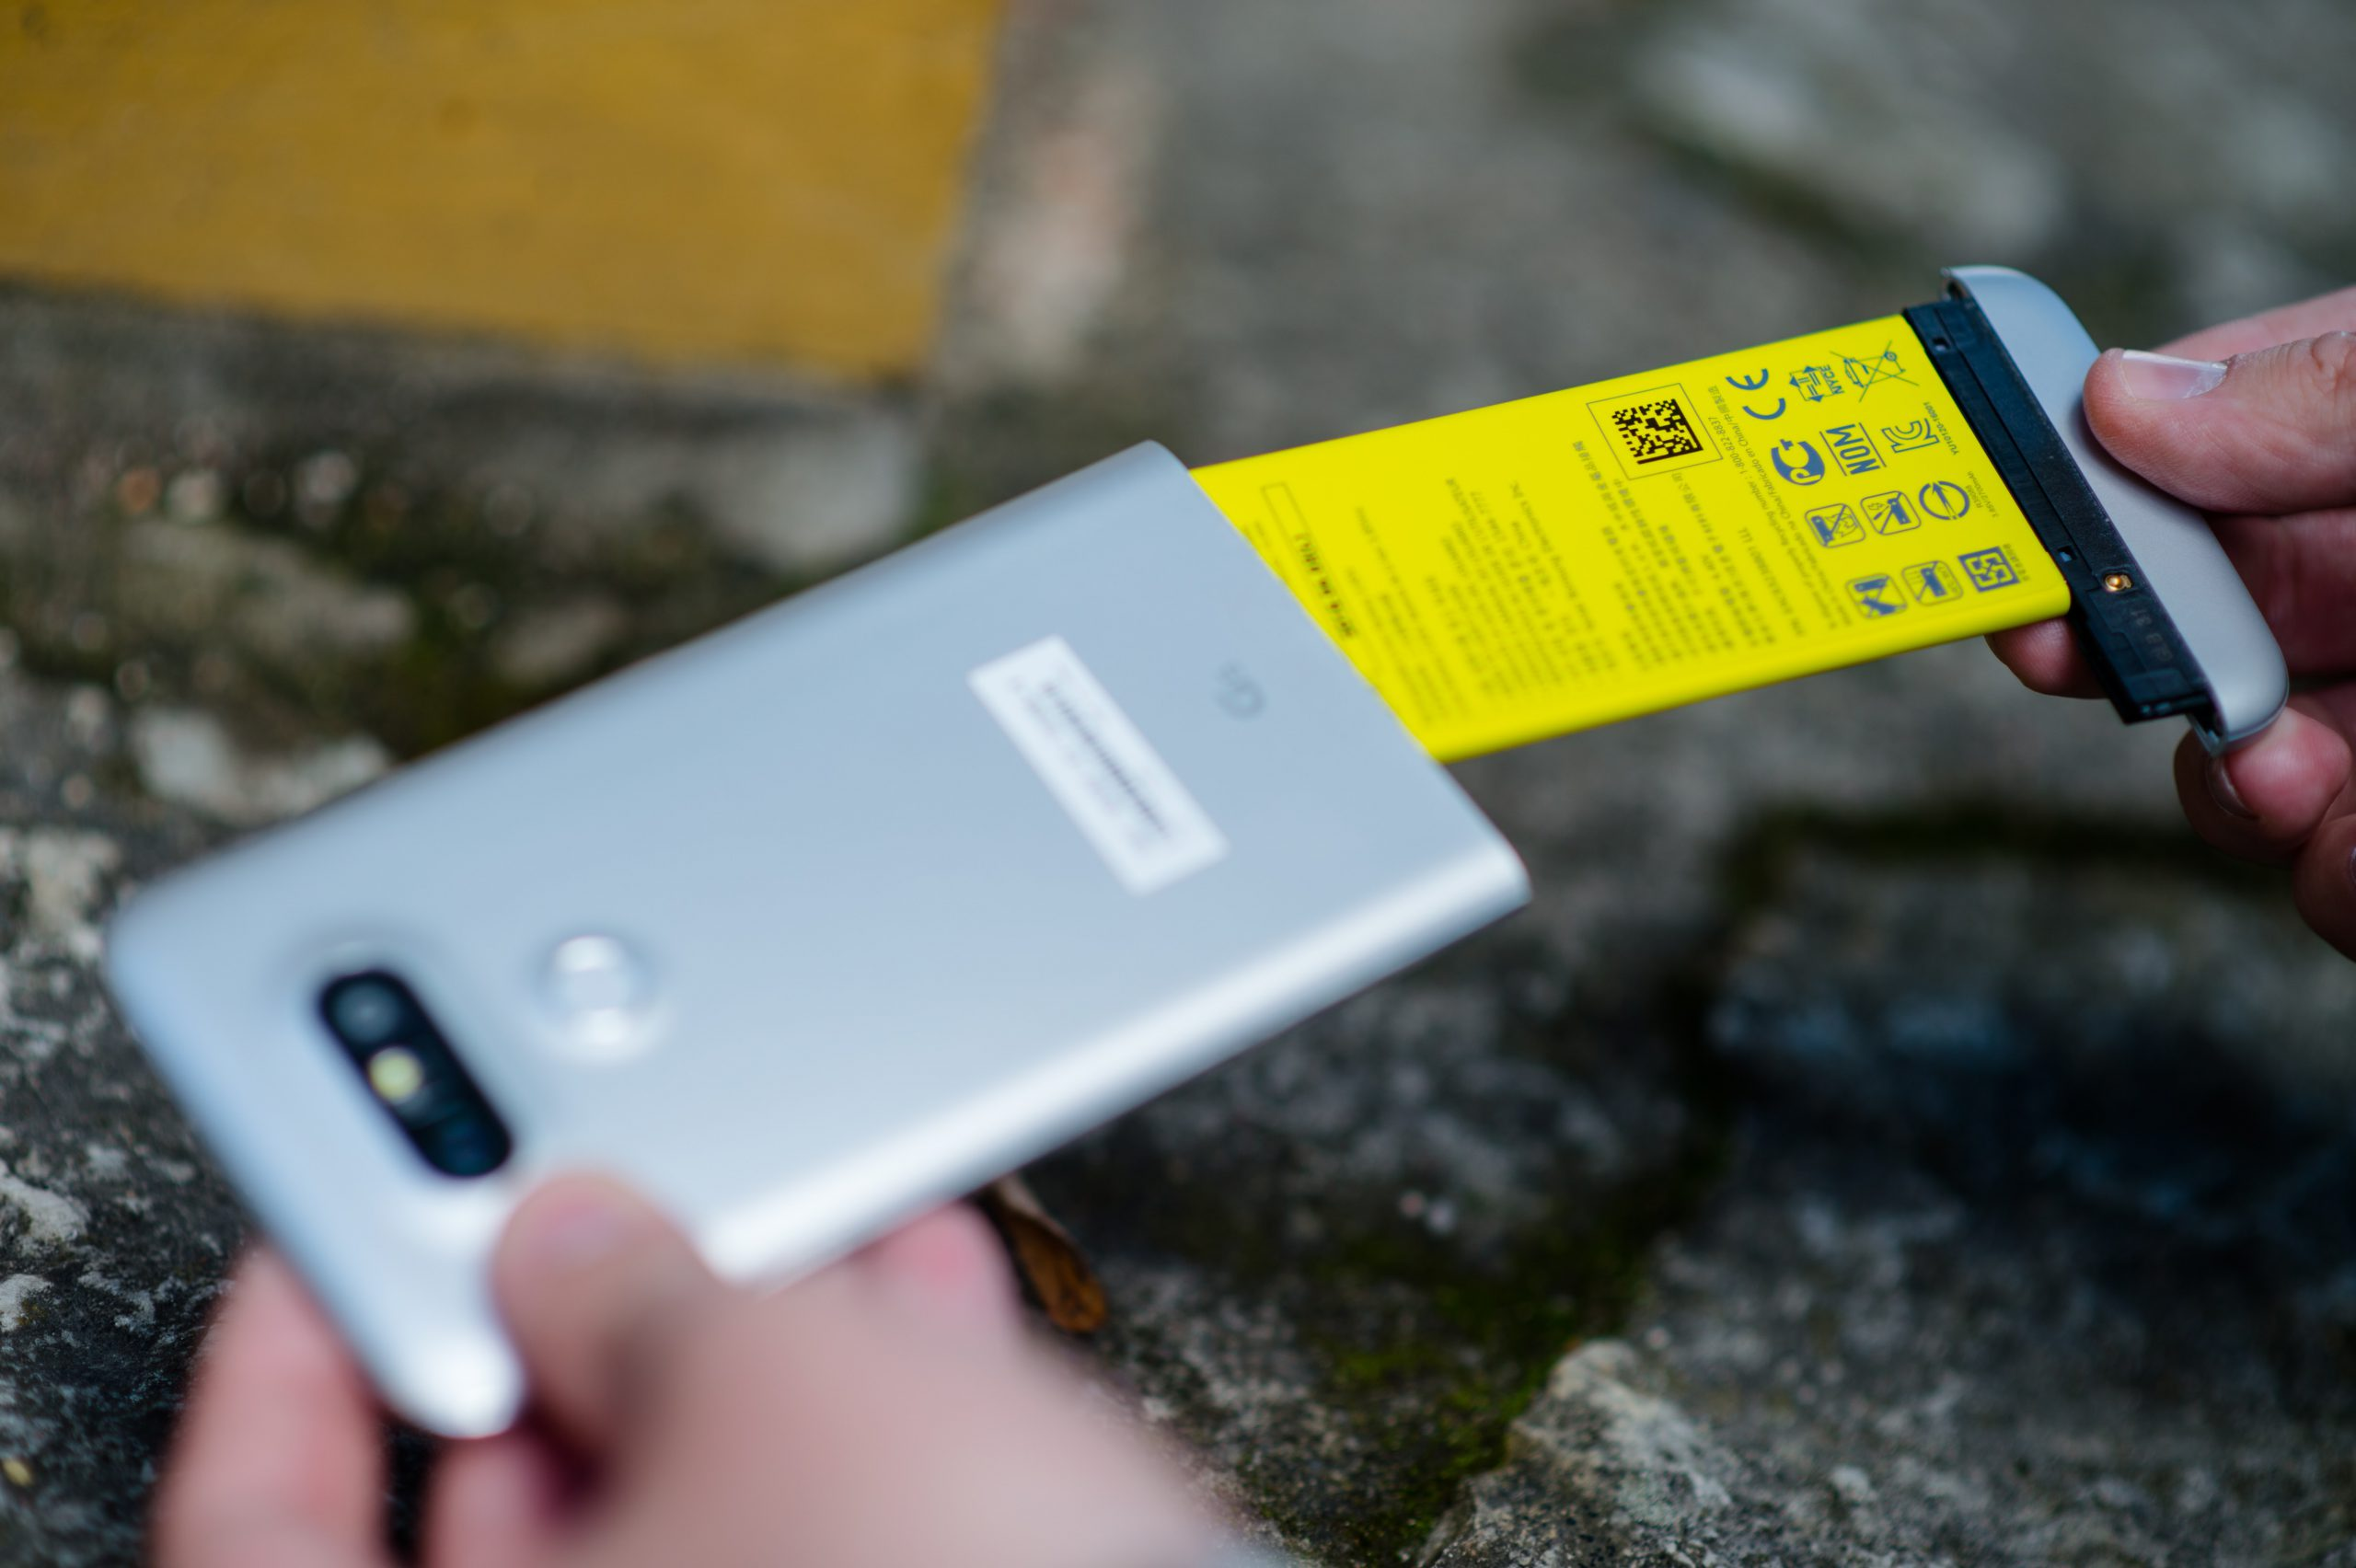 6aa2e1afade LG G5: tõeliselt iseäralik ja põnev modulaarne nutitelefon | Digigeenius